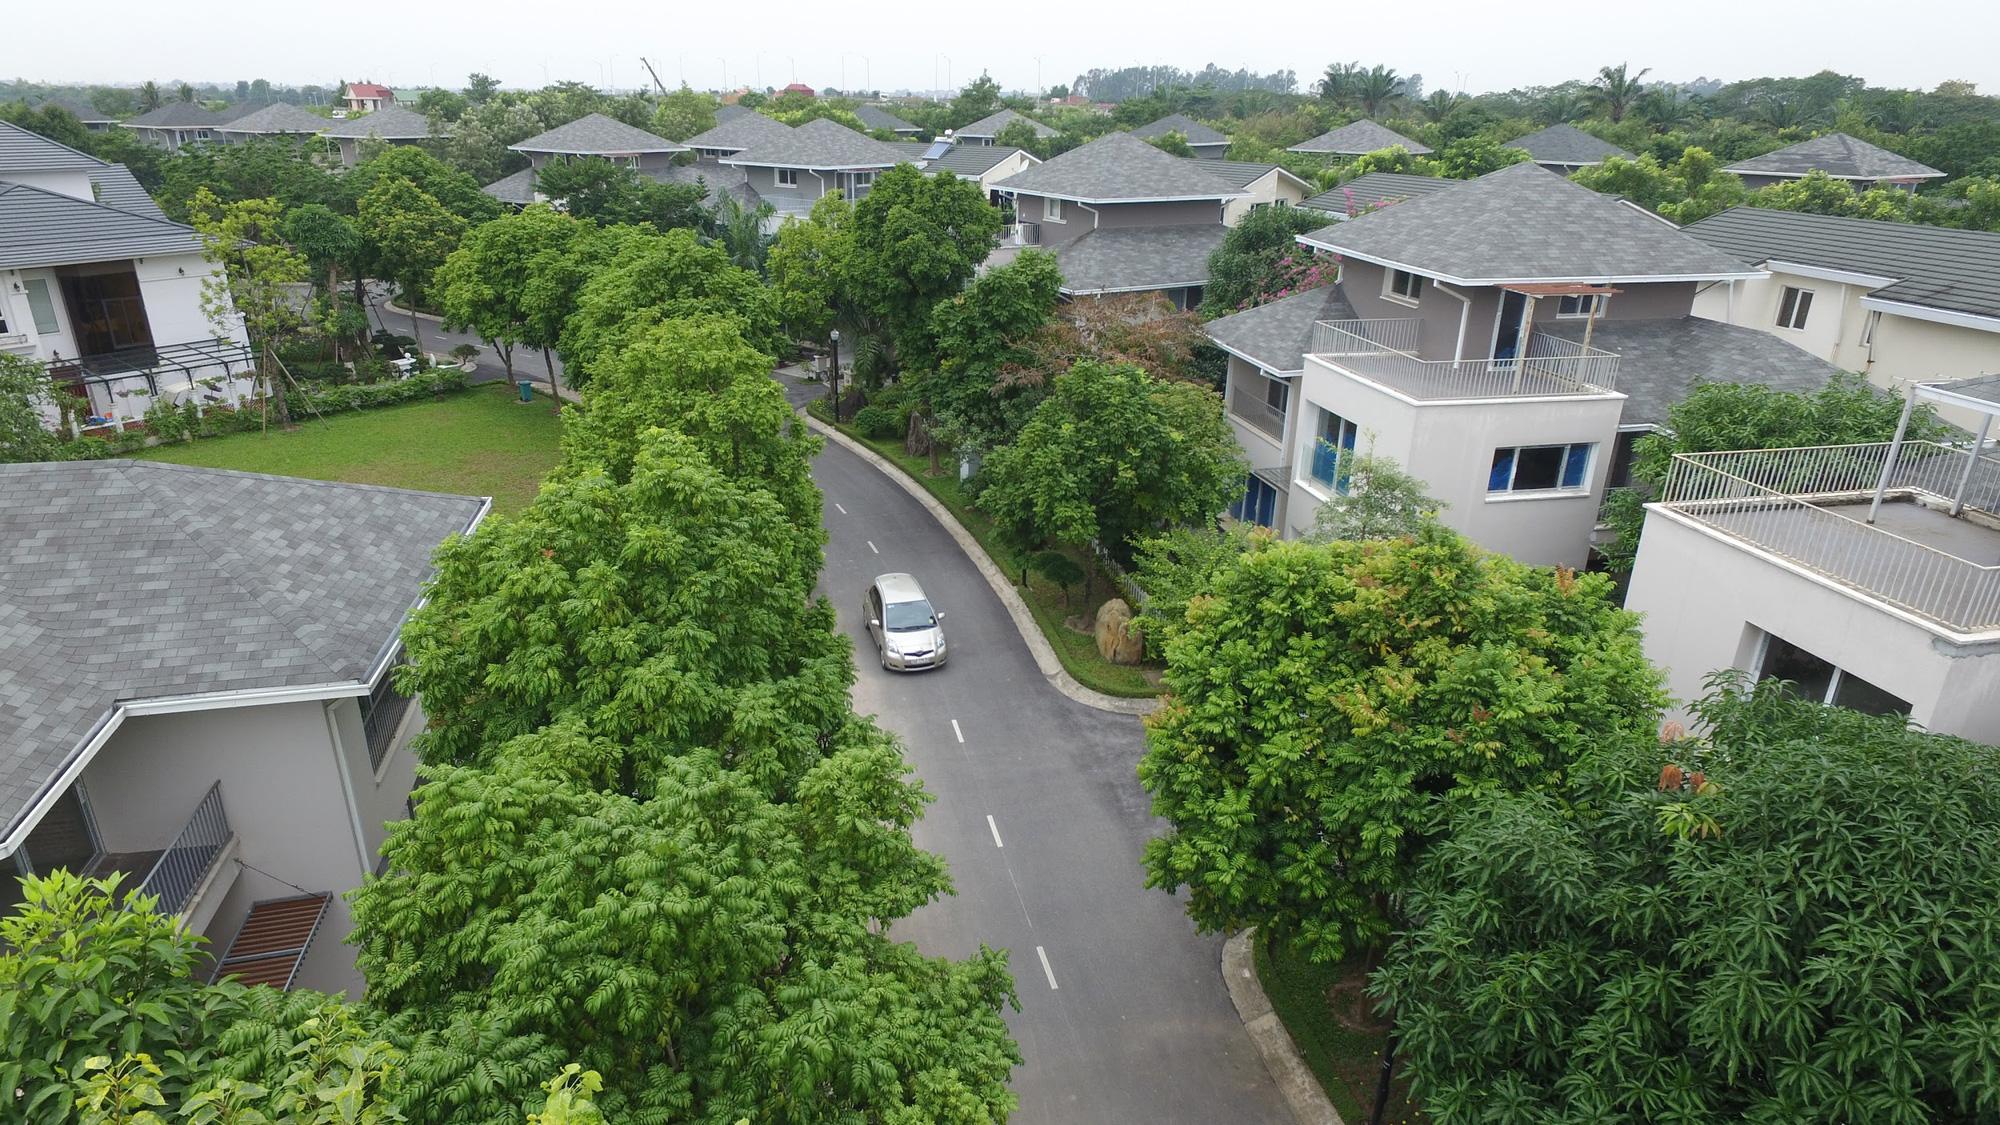 Cơn 'sốt' đất tại 5 huyện ngoại thành sắp lên quận ở Hà Nội vẫn chưa dịu bớt - Ảnh 1.